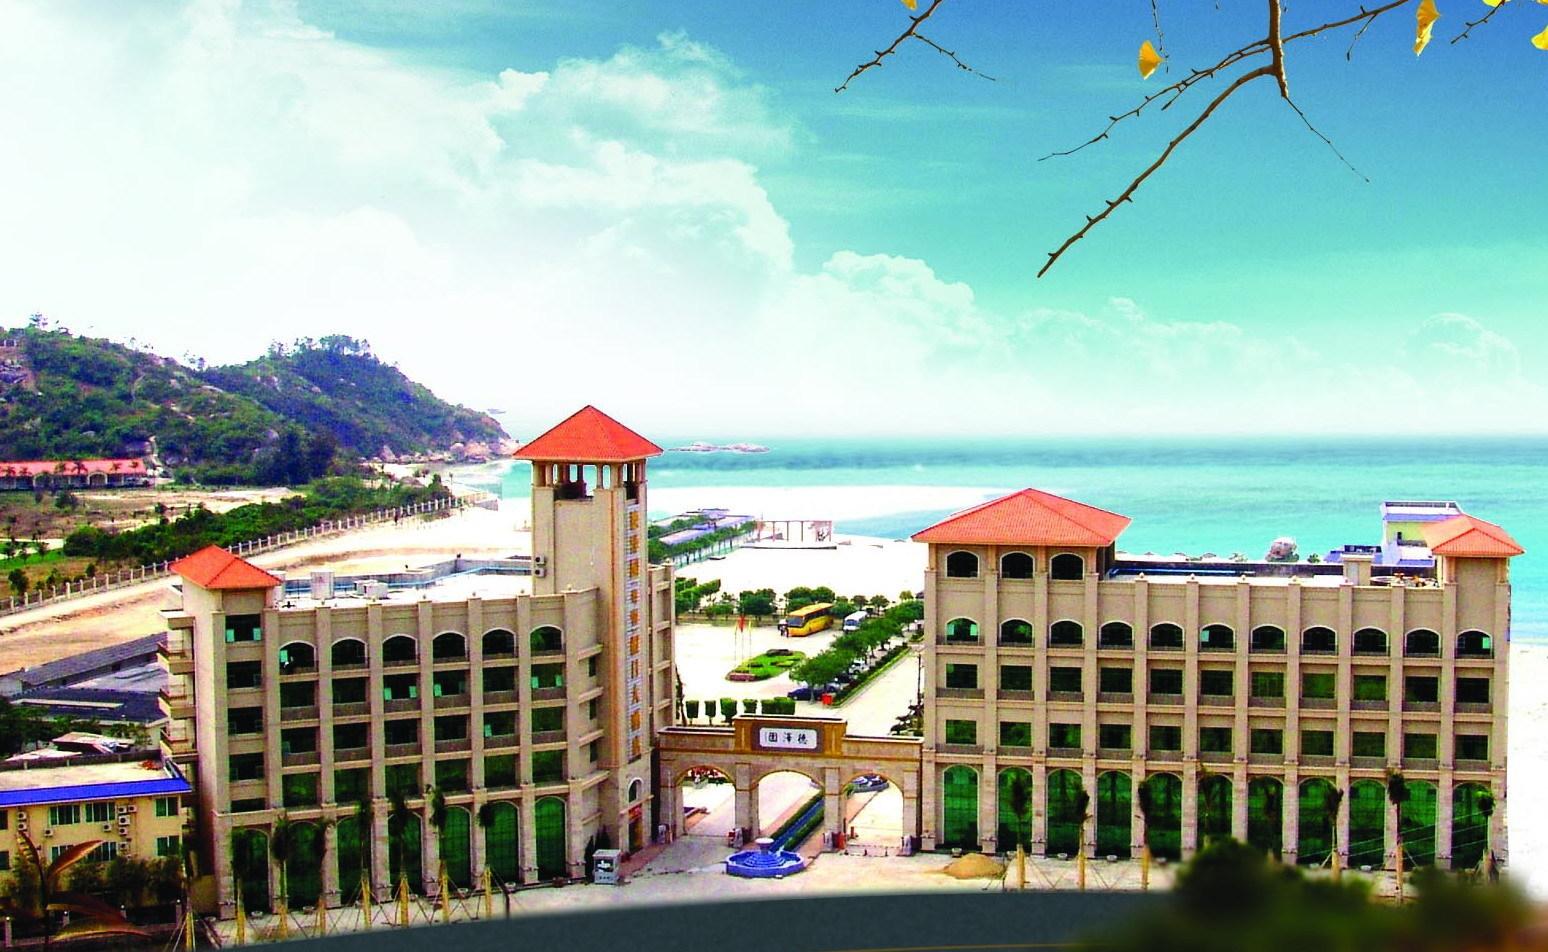 海边酒店预订 惠州惠东巽寮湾德泽园假日(粤海)大酒店